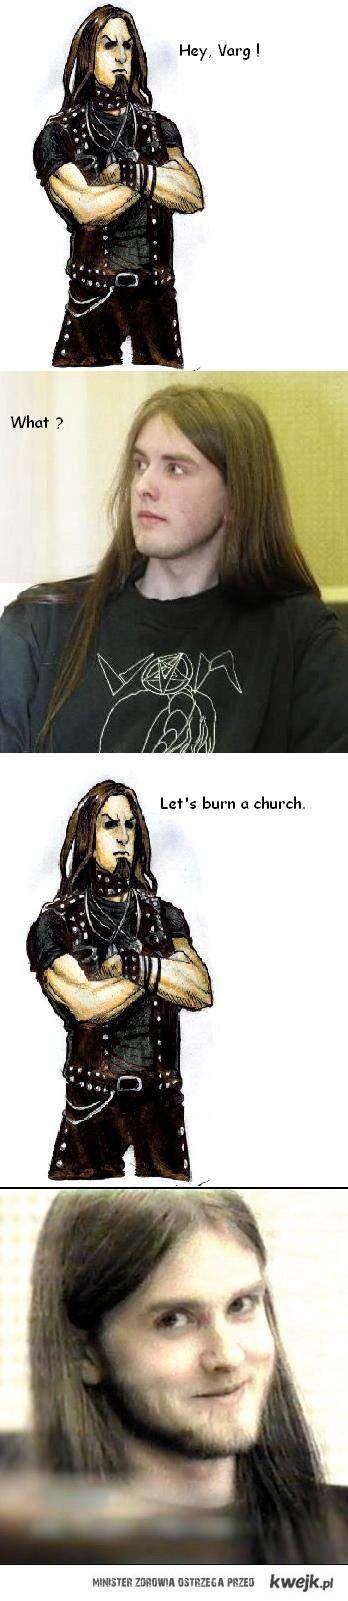 Varg, spalmy kościół.